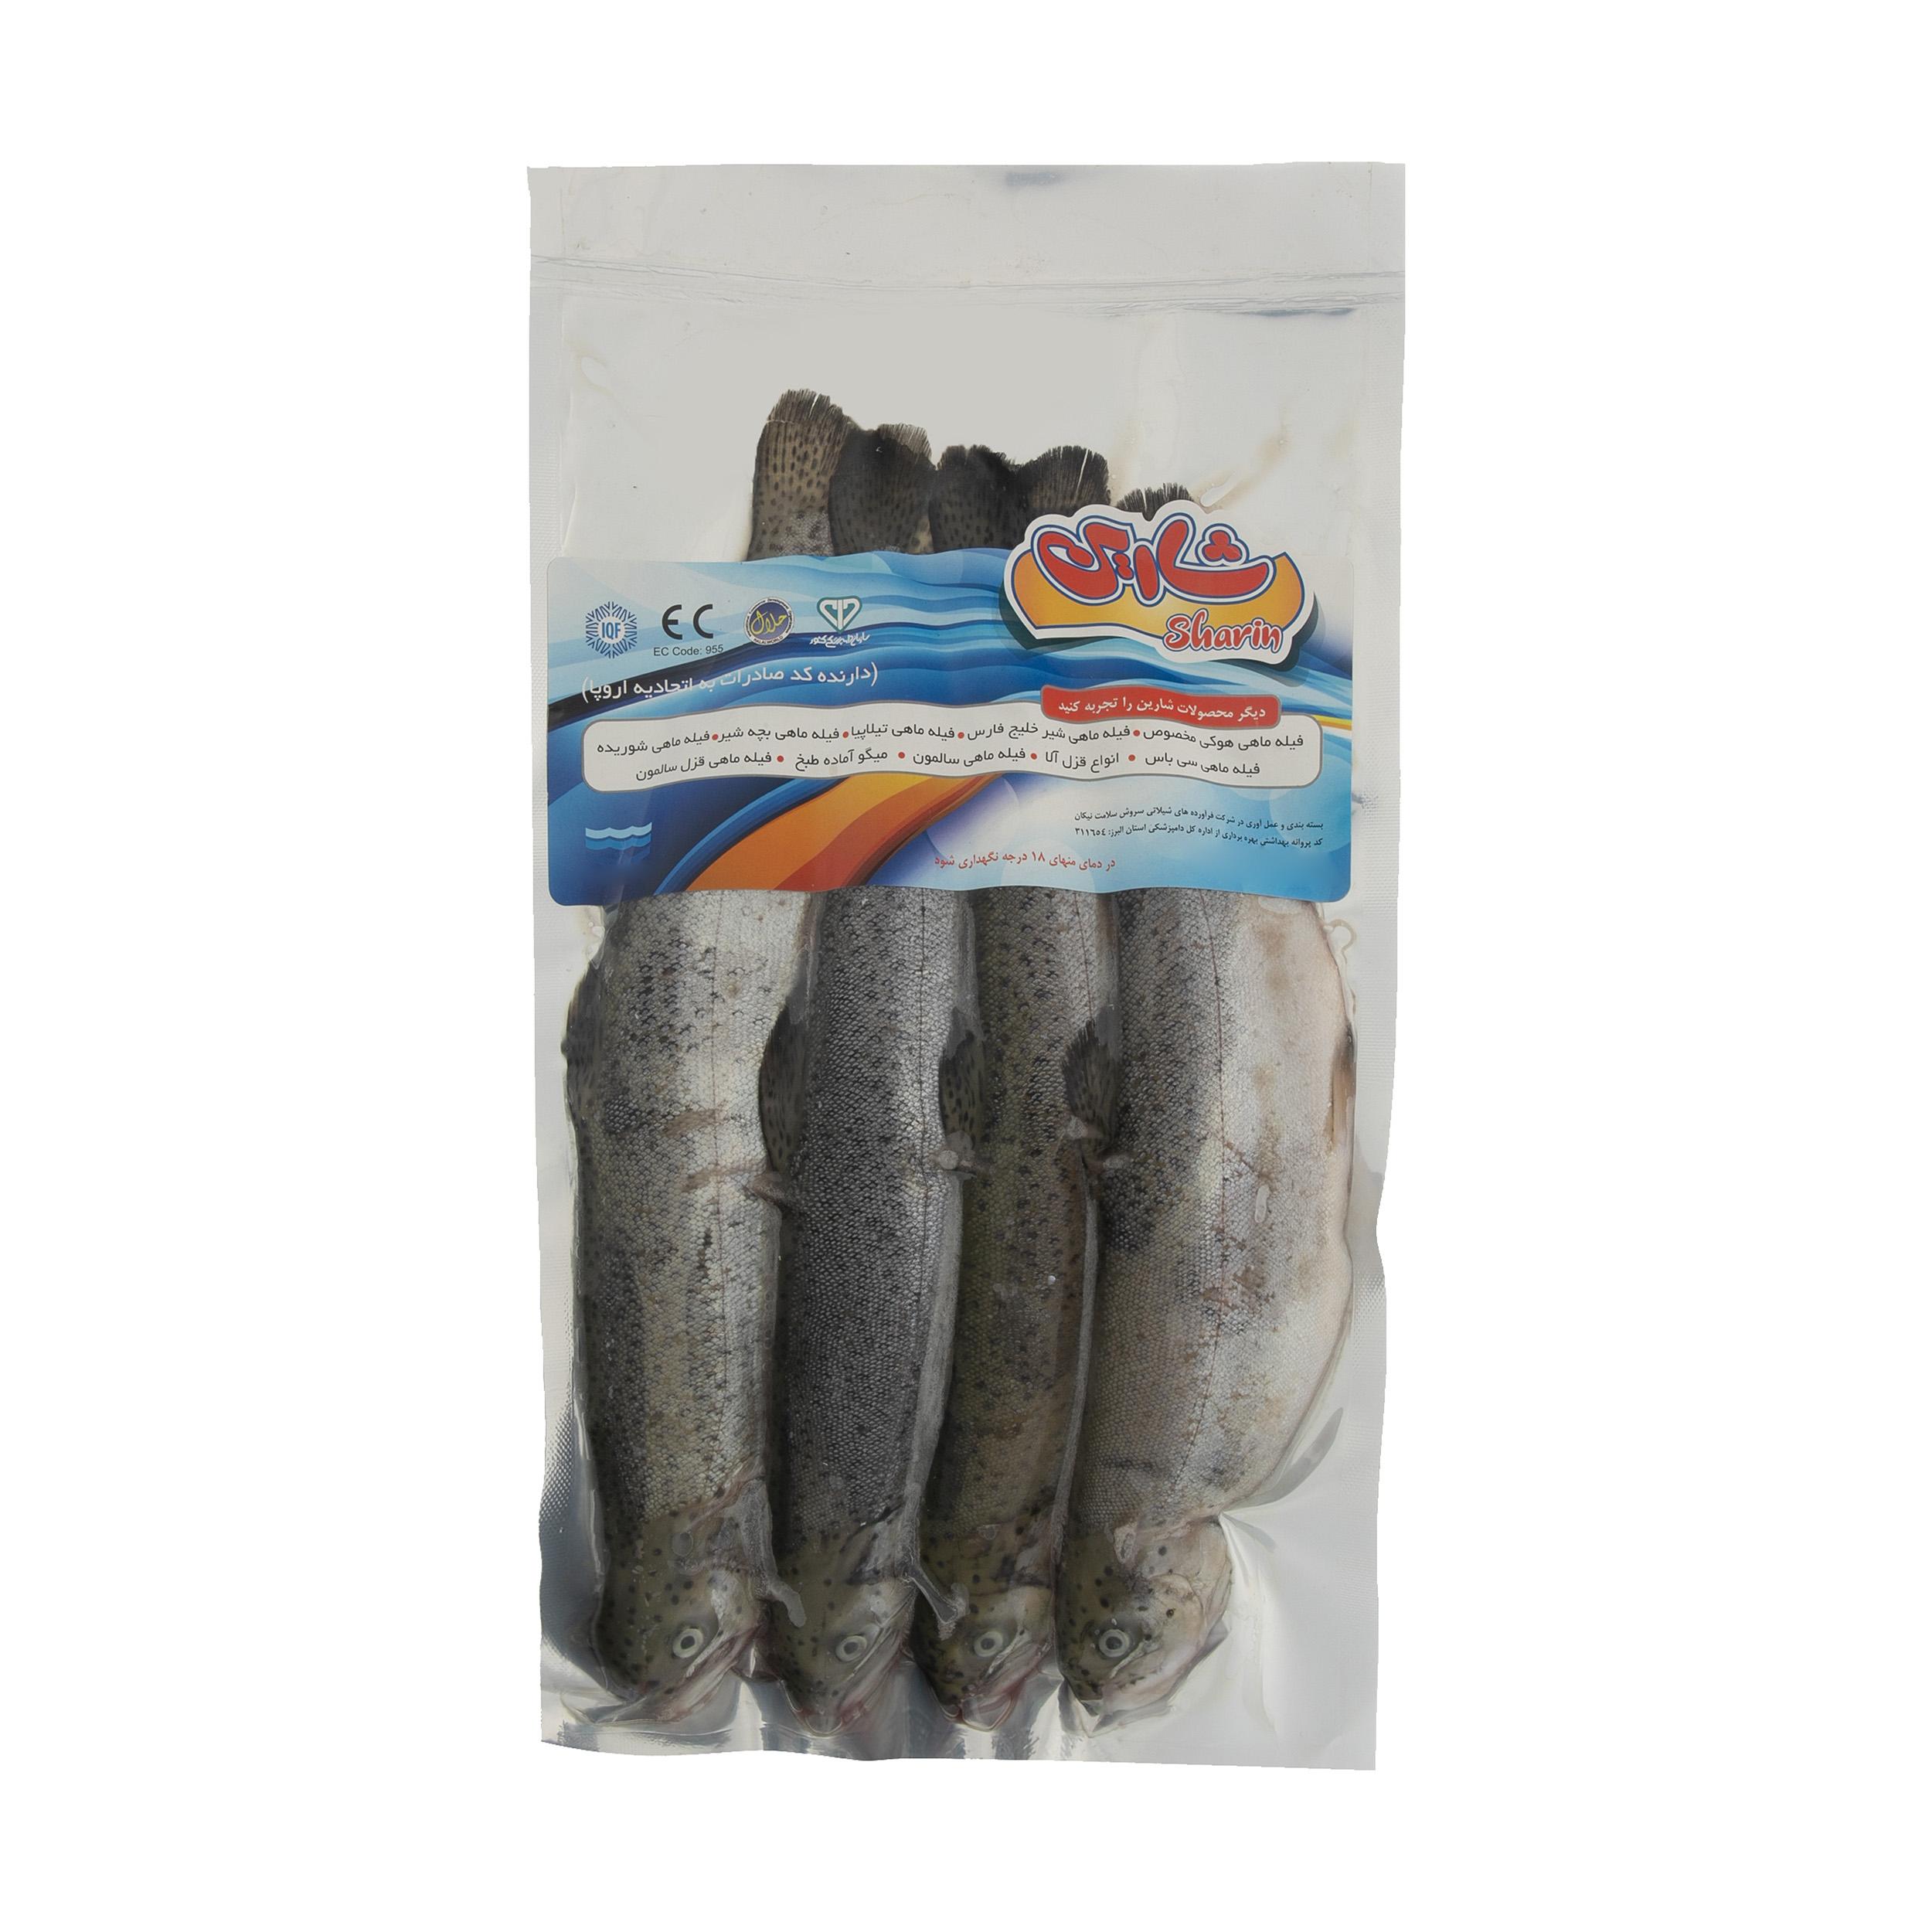 ماهی قزل آلا شکم خالی شارین وزن 1000 گرم thumb